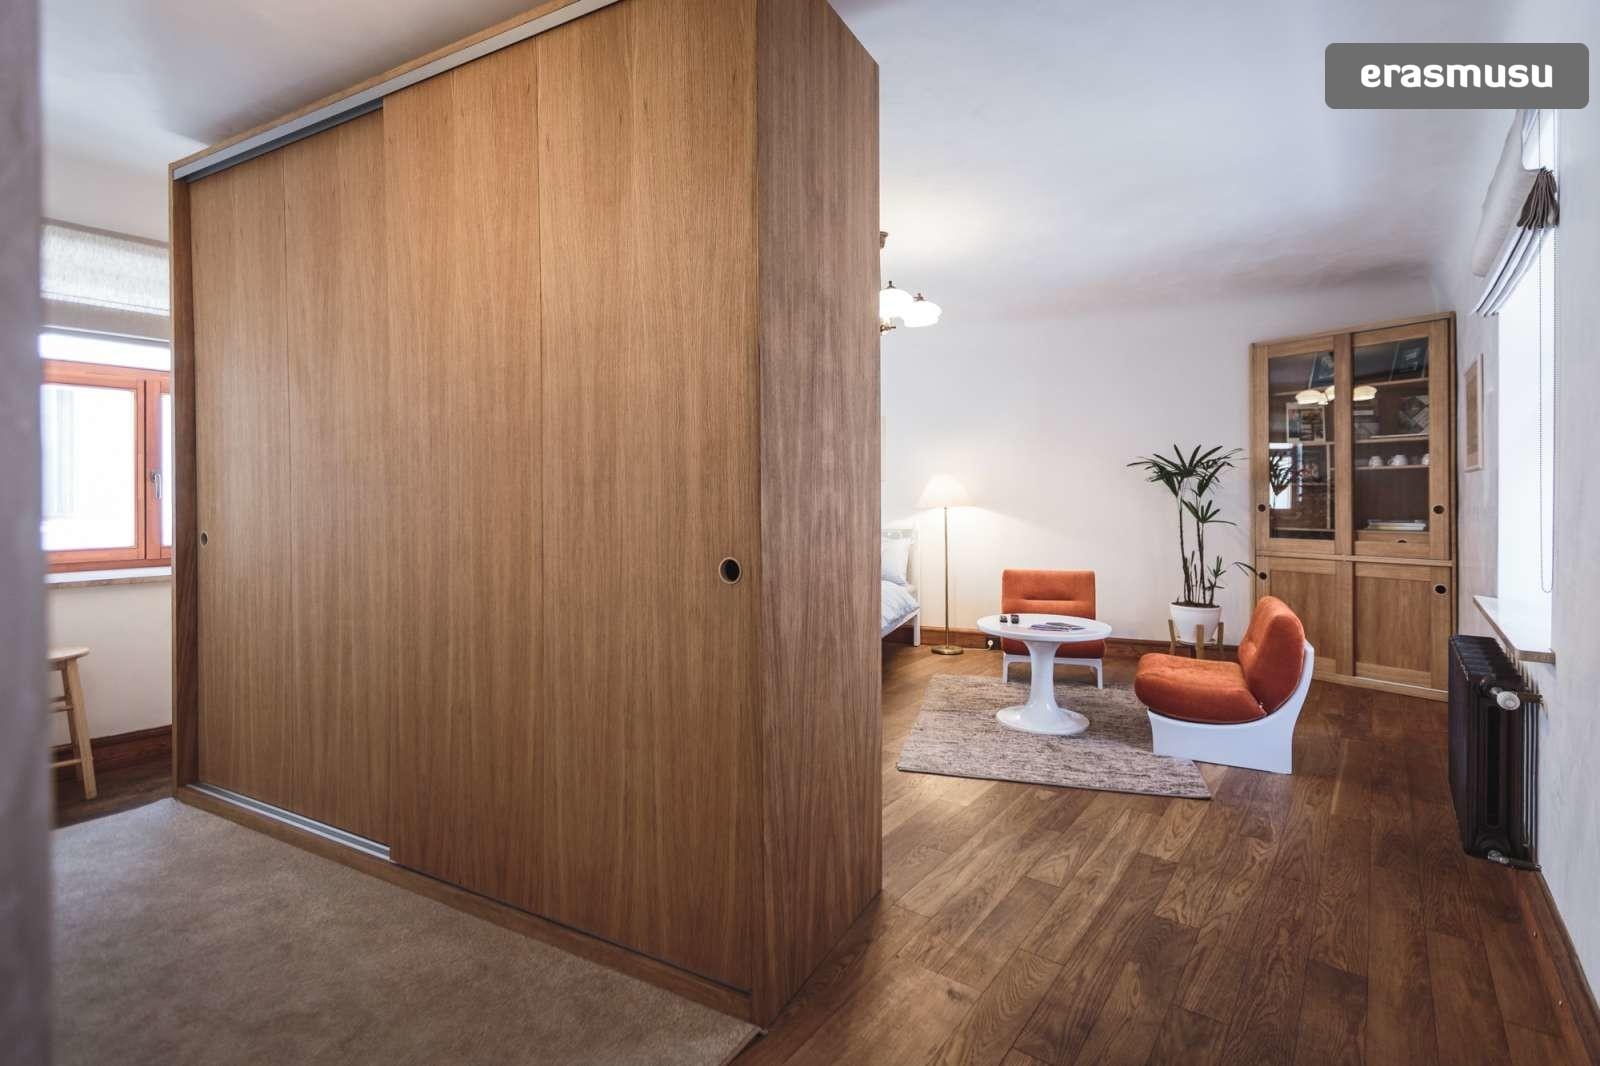 stylish-studio-apartment-rent-vecriga-64ff82286a625b087650488a9c